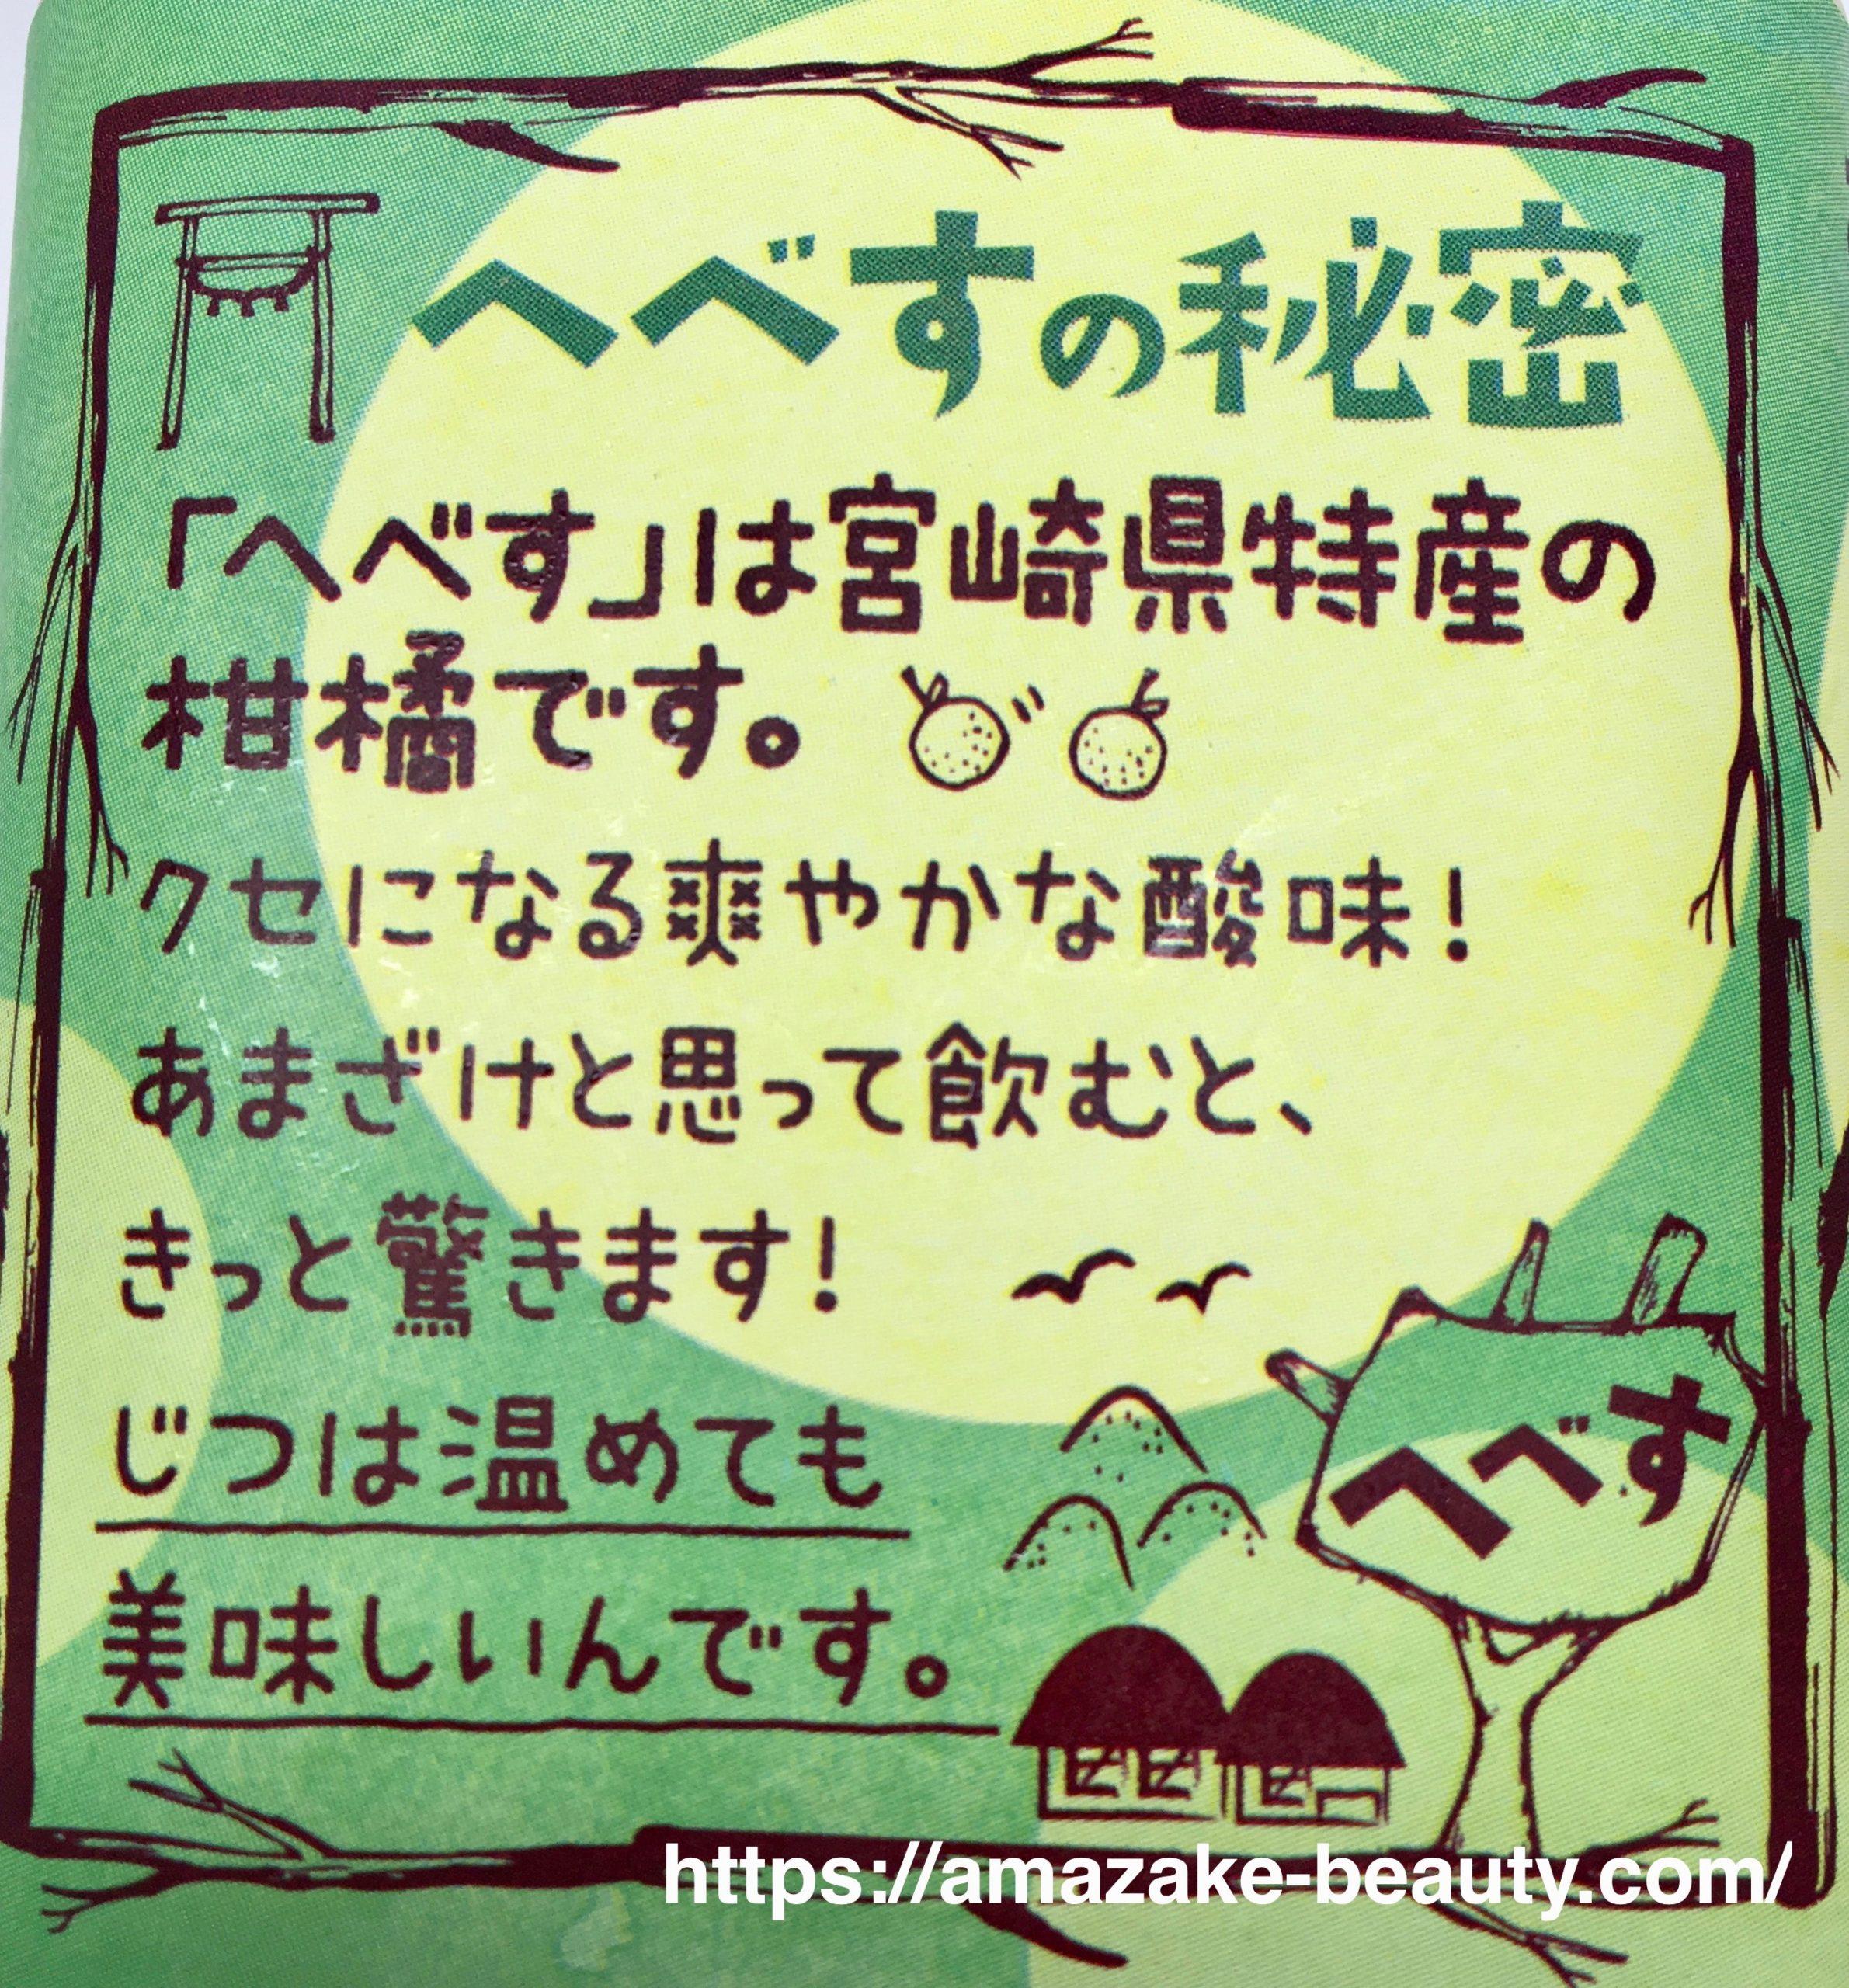 【甘酒】高千穂『ちほまろ(へべす)』(商品説明)